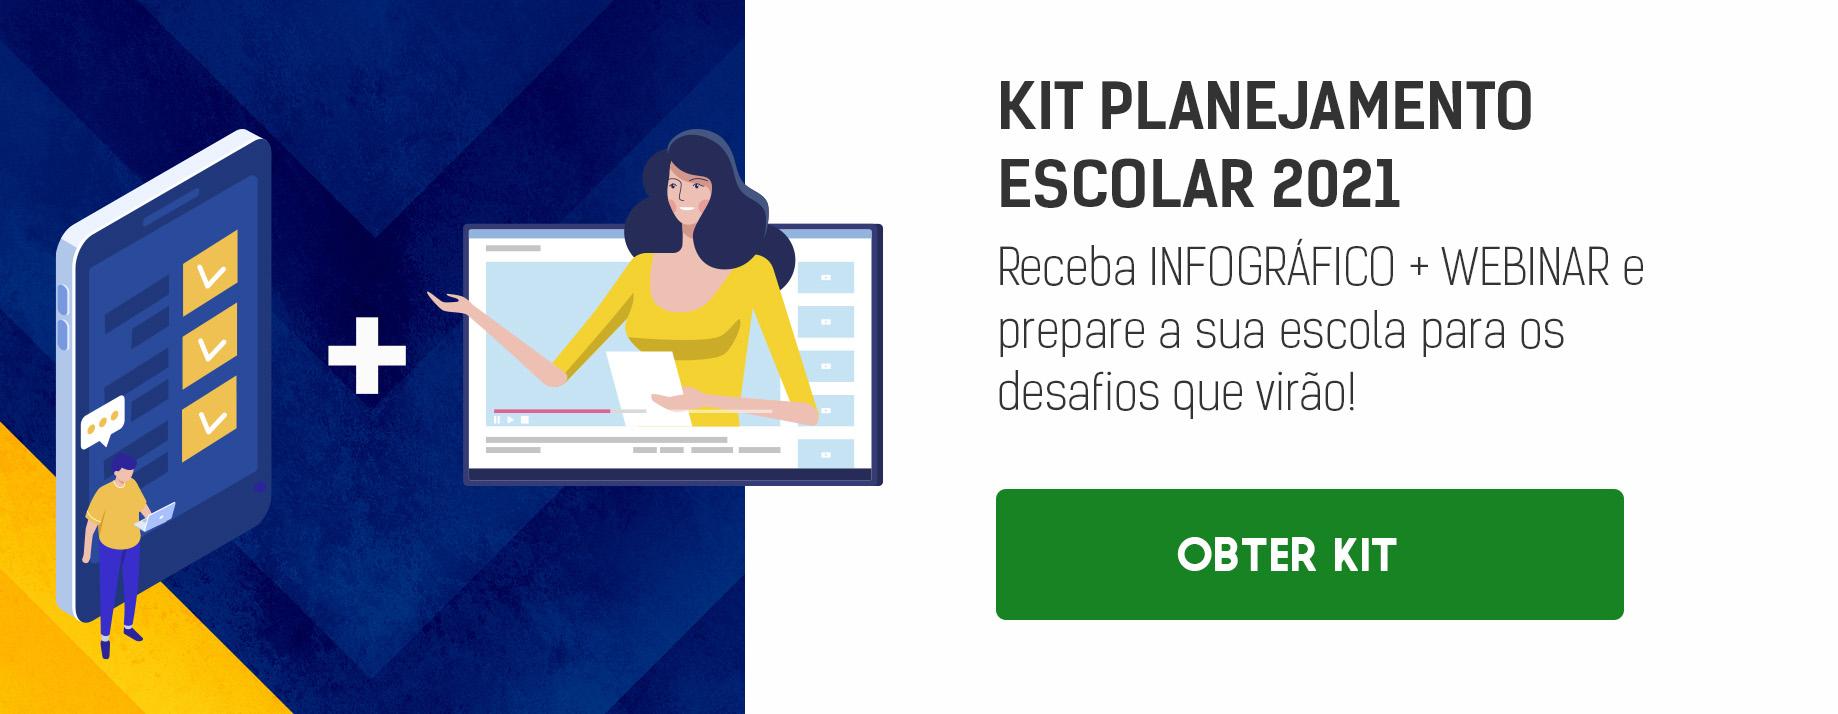 CTA_Kit Planejamento Escolar 2021